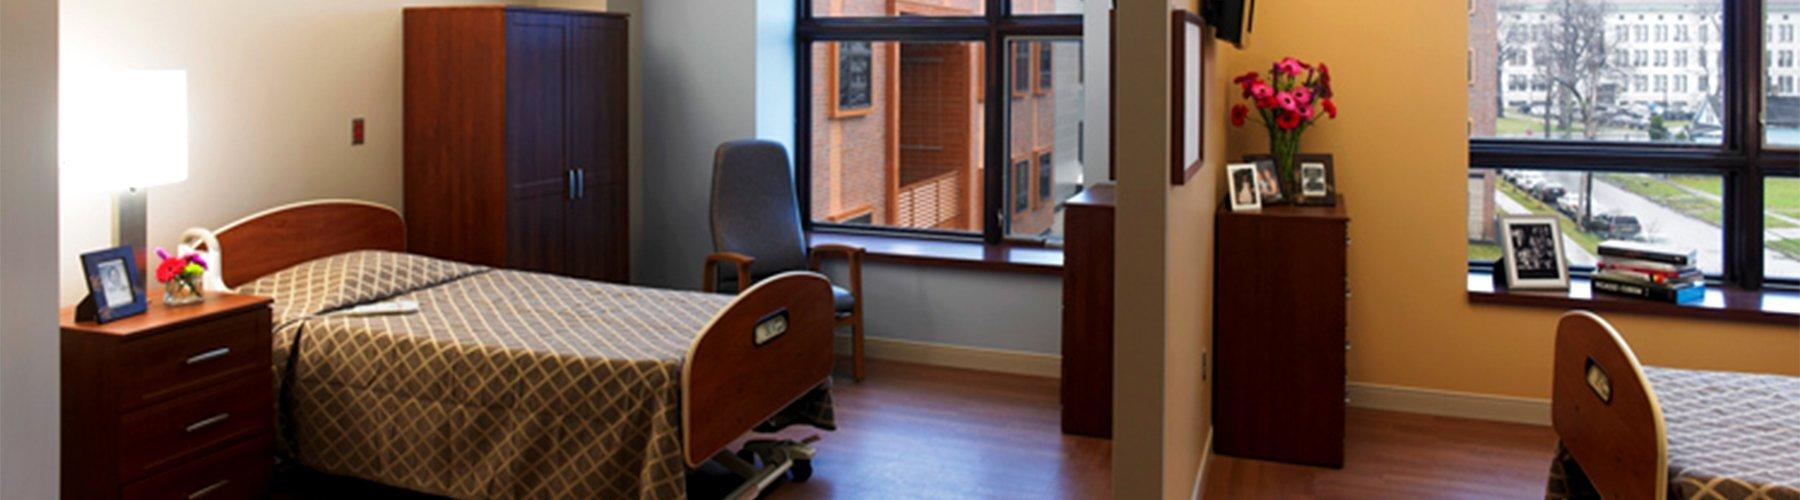 CFC Healthcare Twin Patient Room